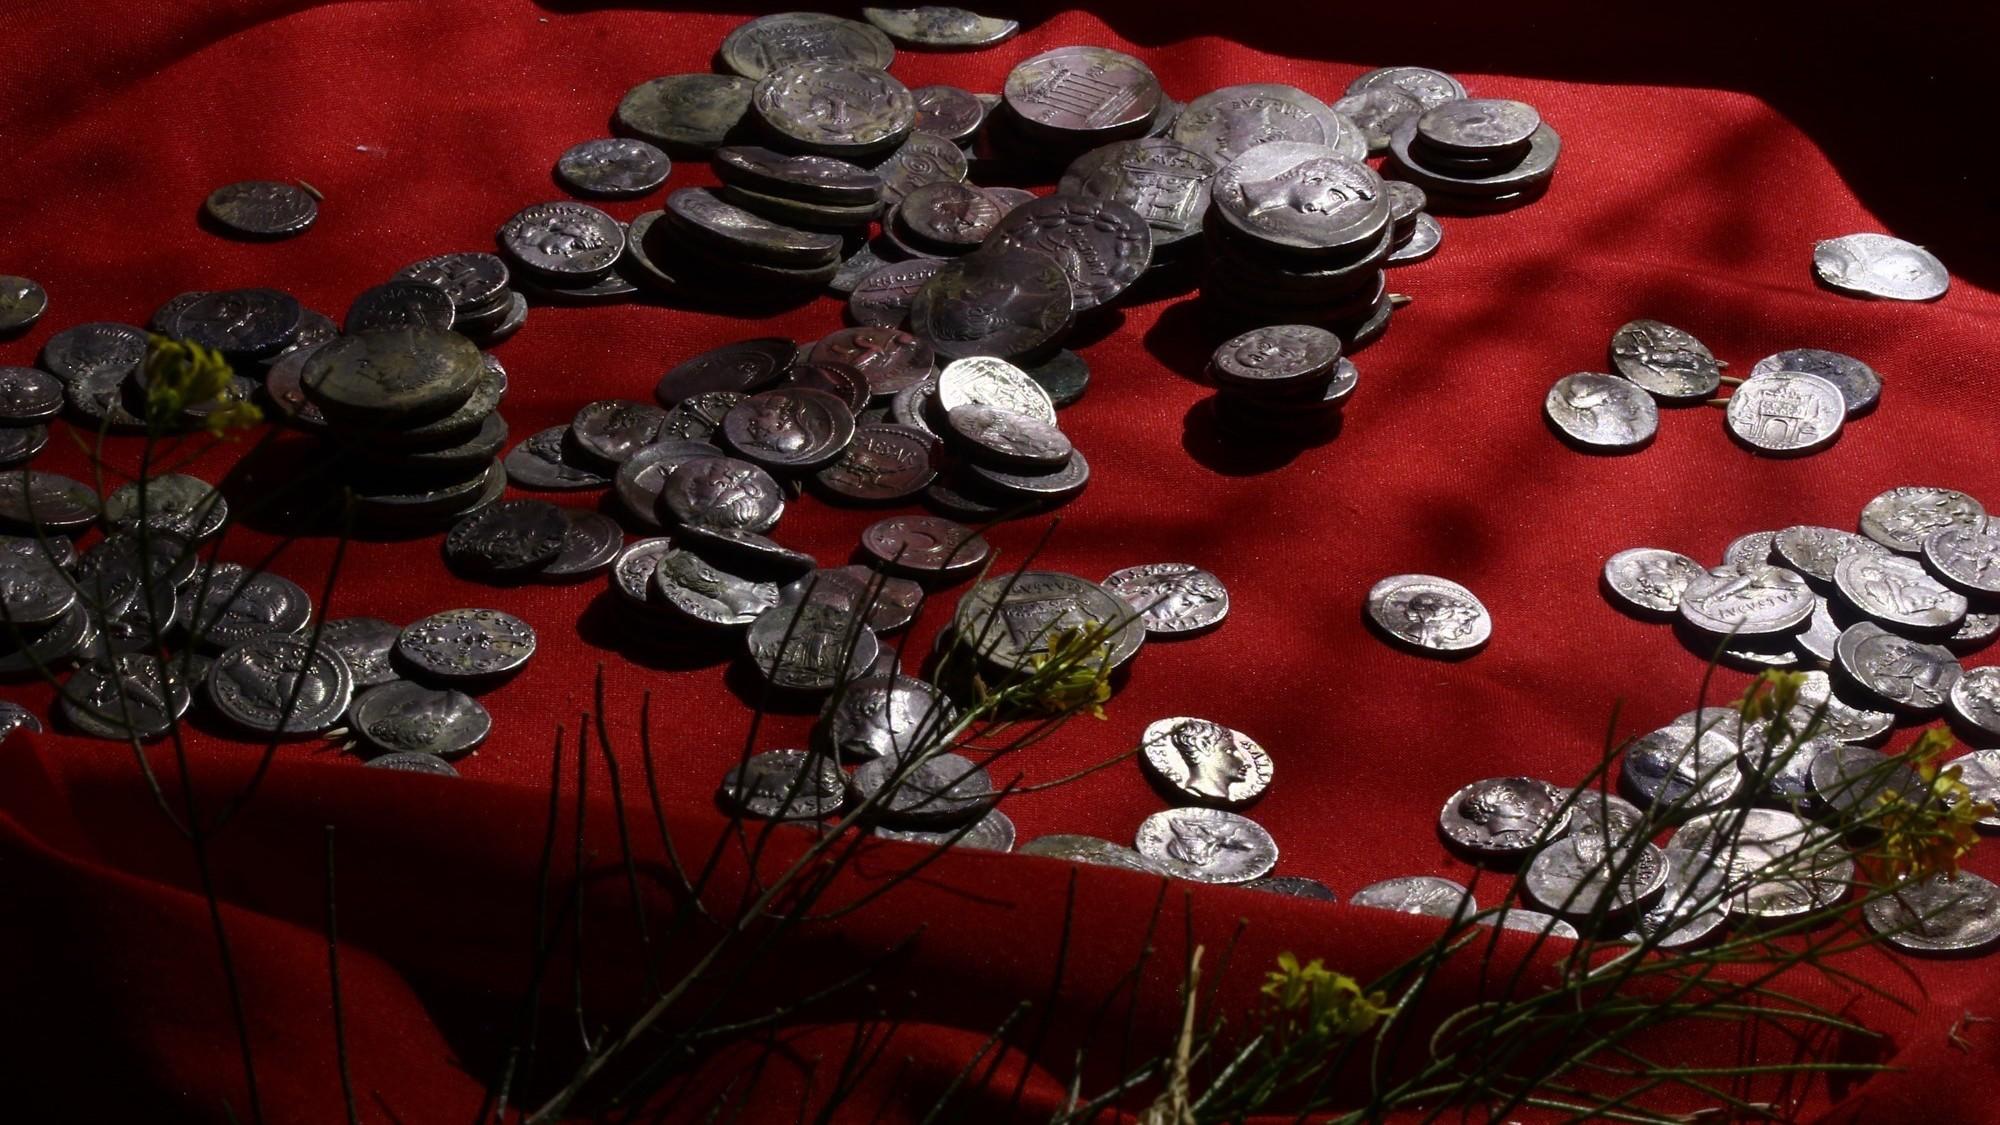 La plupart des pièces ont été frappées dans le sud de l'Italie.